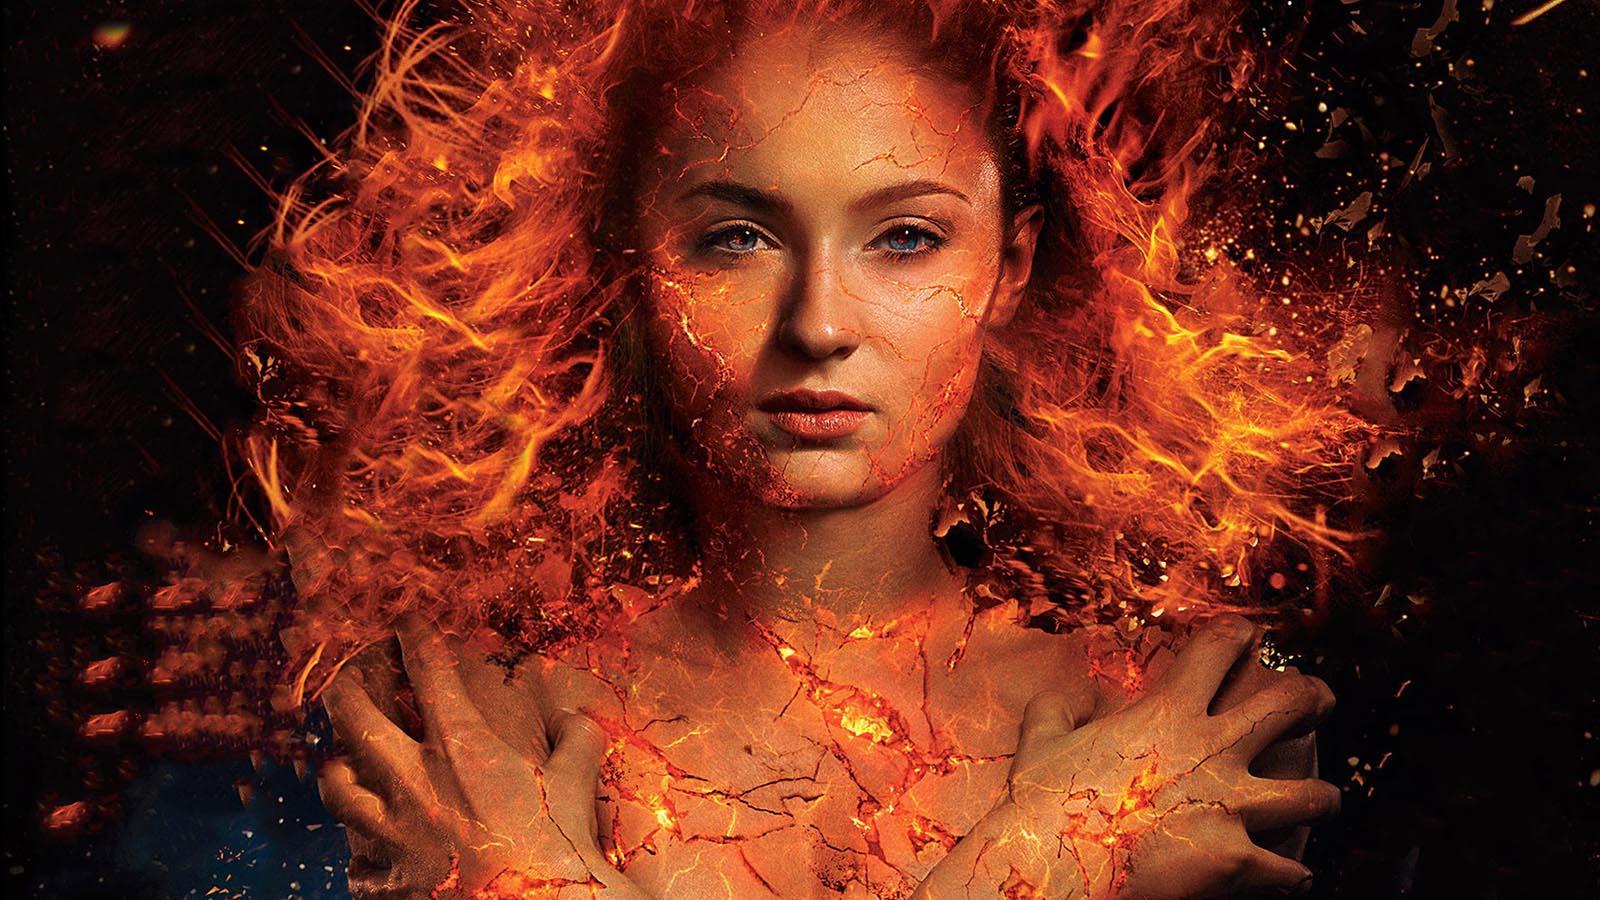 X Men Dark Phoenix Será Más Oscura Y Tratará Sobre La